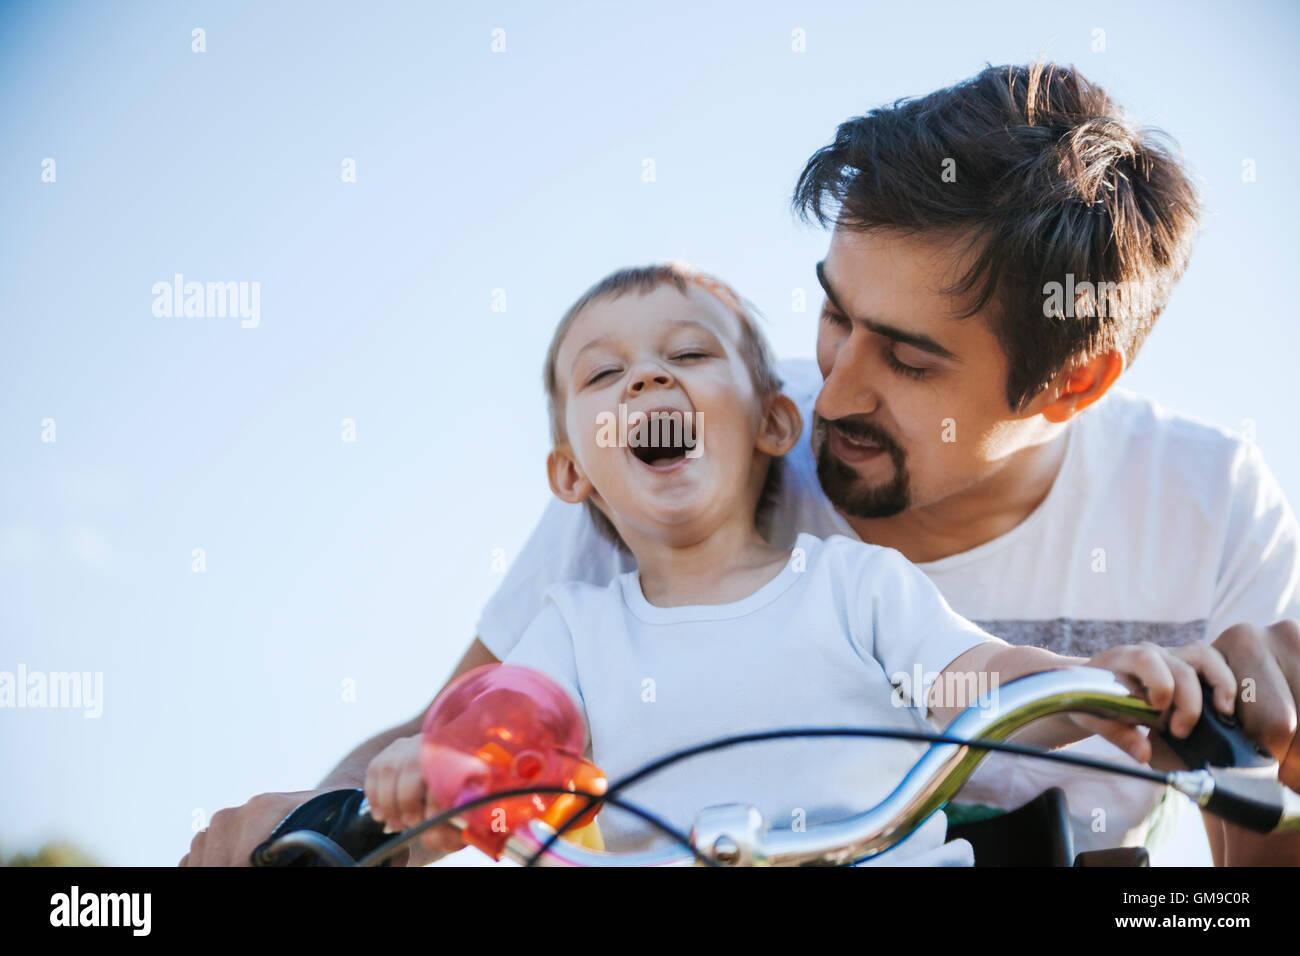 Laughing muchachito en excursión en bicicleta con su padre Imagen De Stock